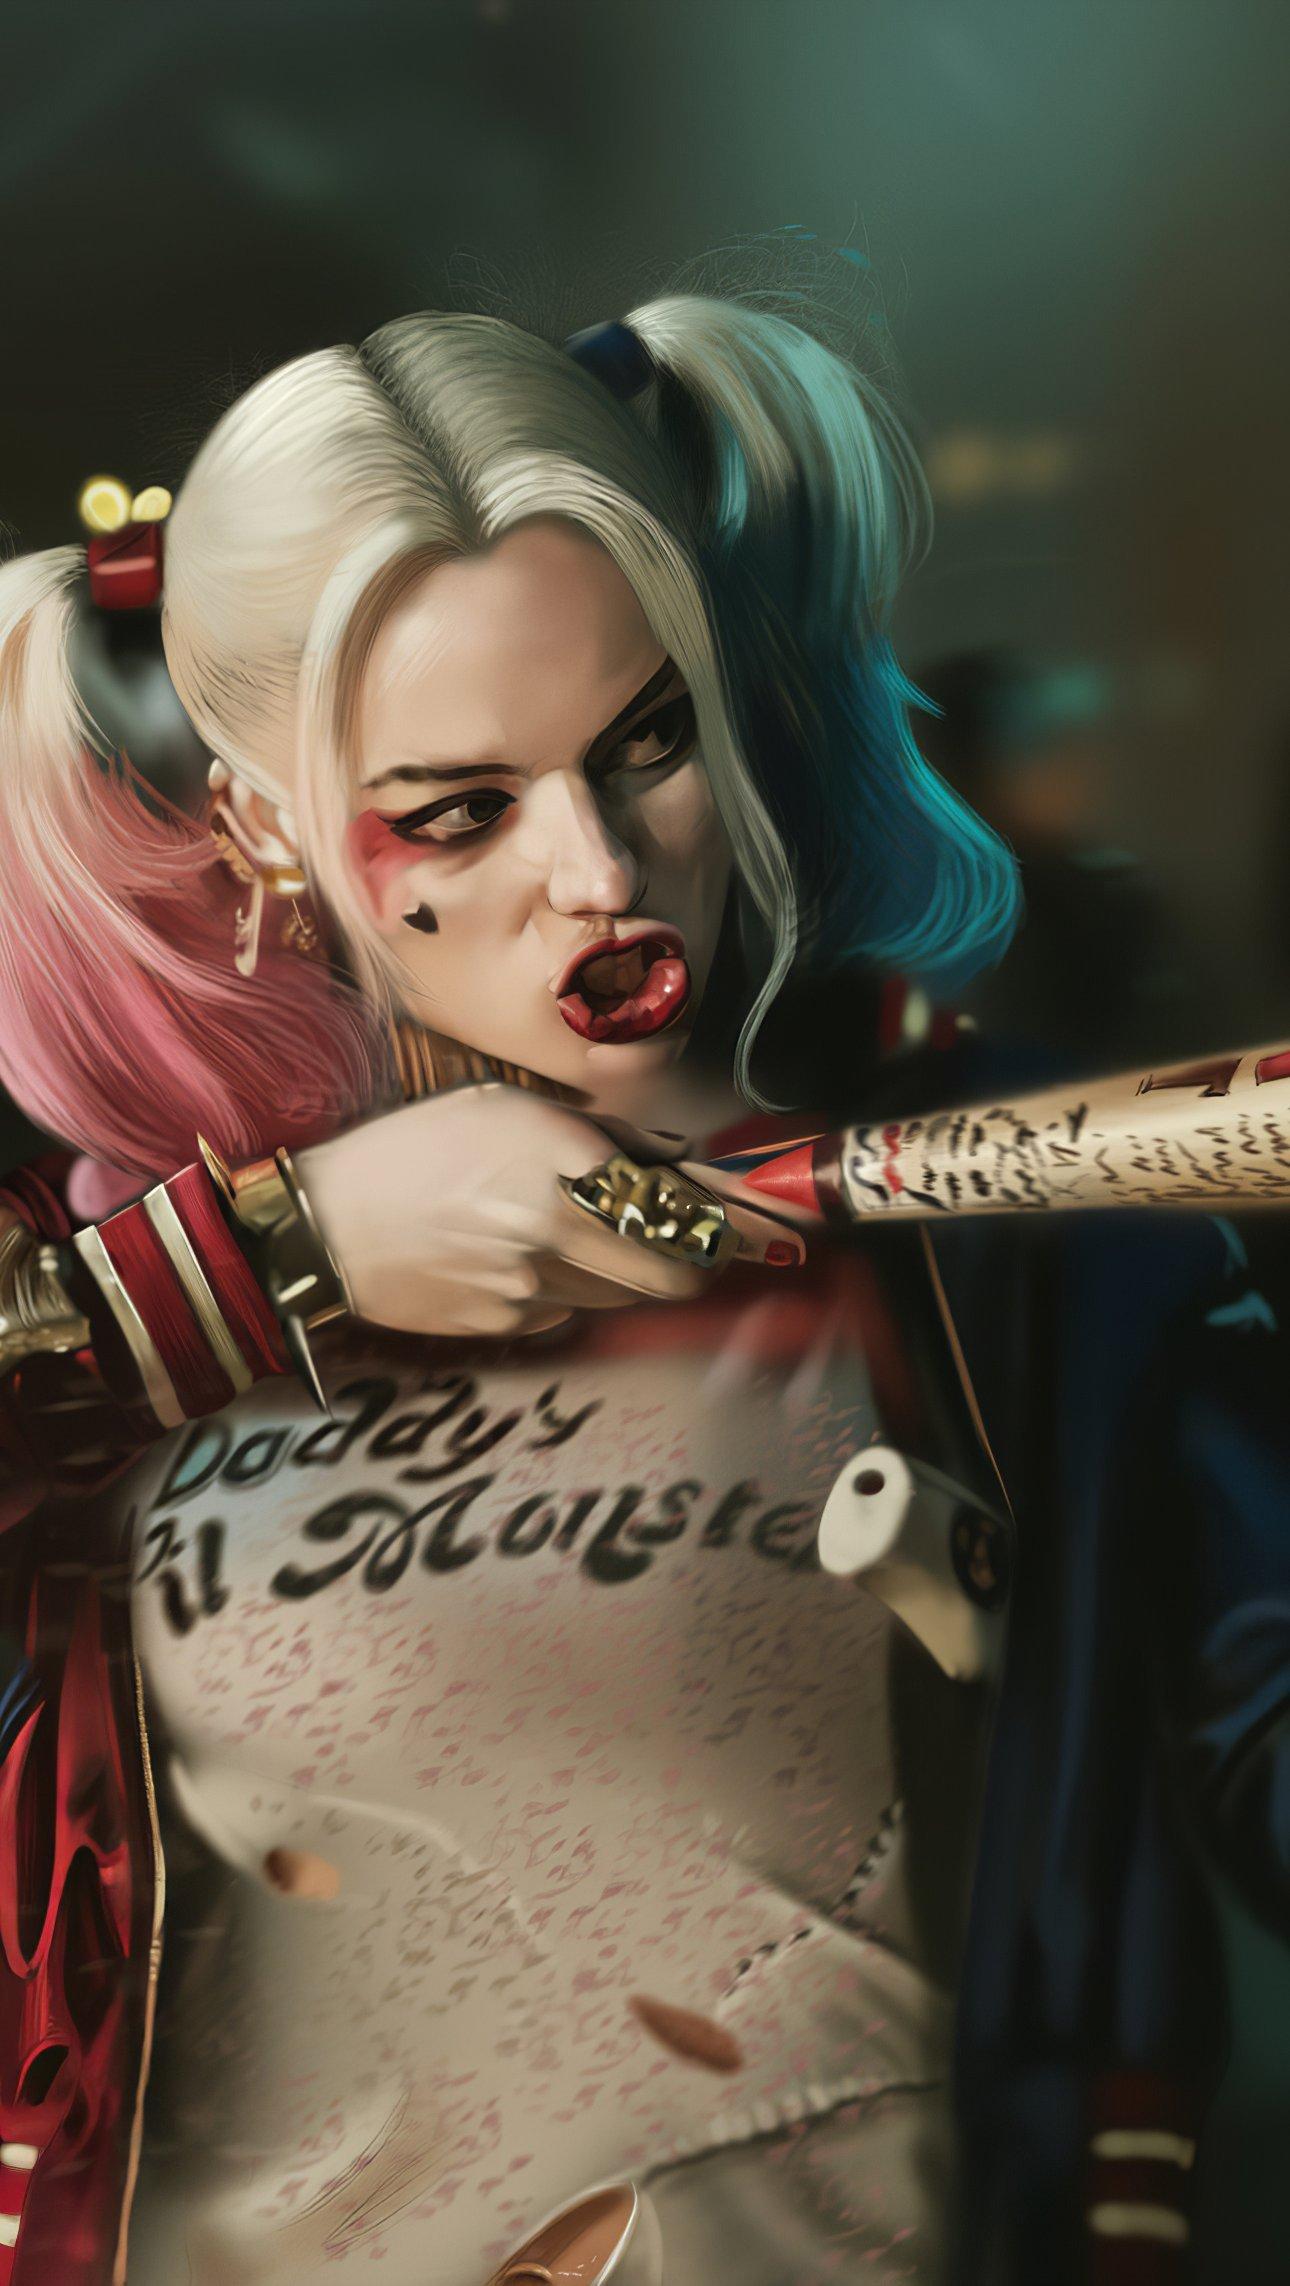 Wallpaper Margot Robbie as Harley Quinn Fanart Vertical